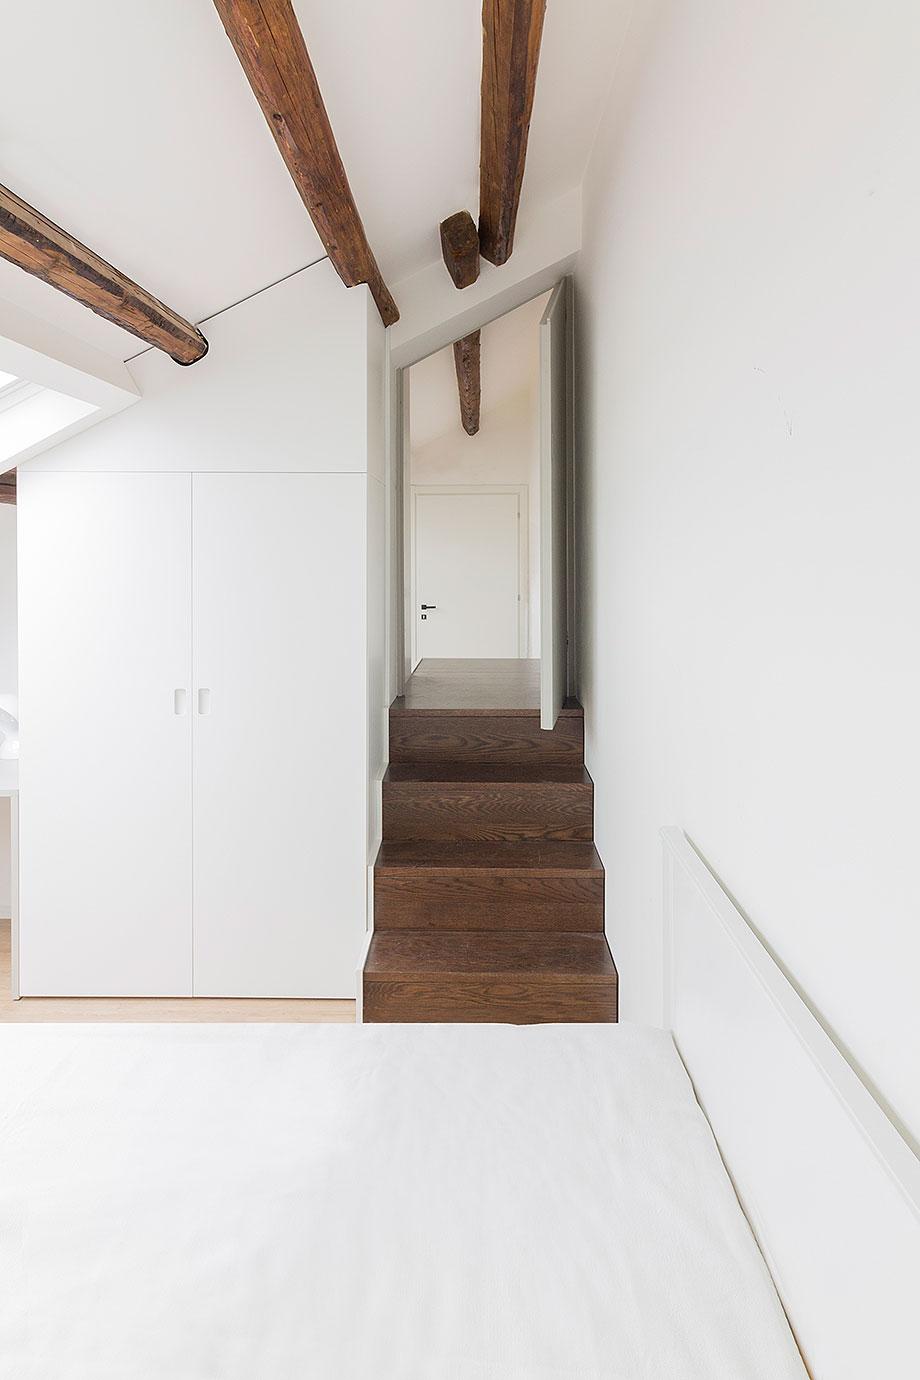 reforma de un ático en palermo por la leta architettura (7) - foto marco zanca